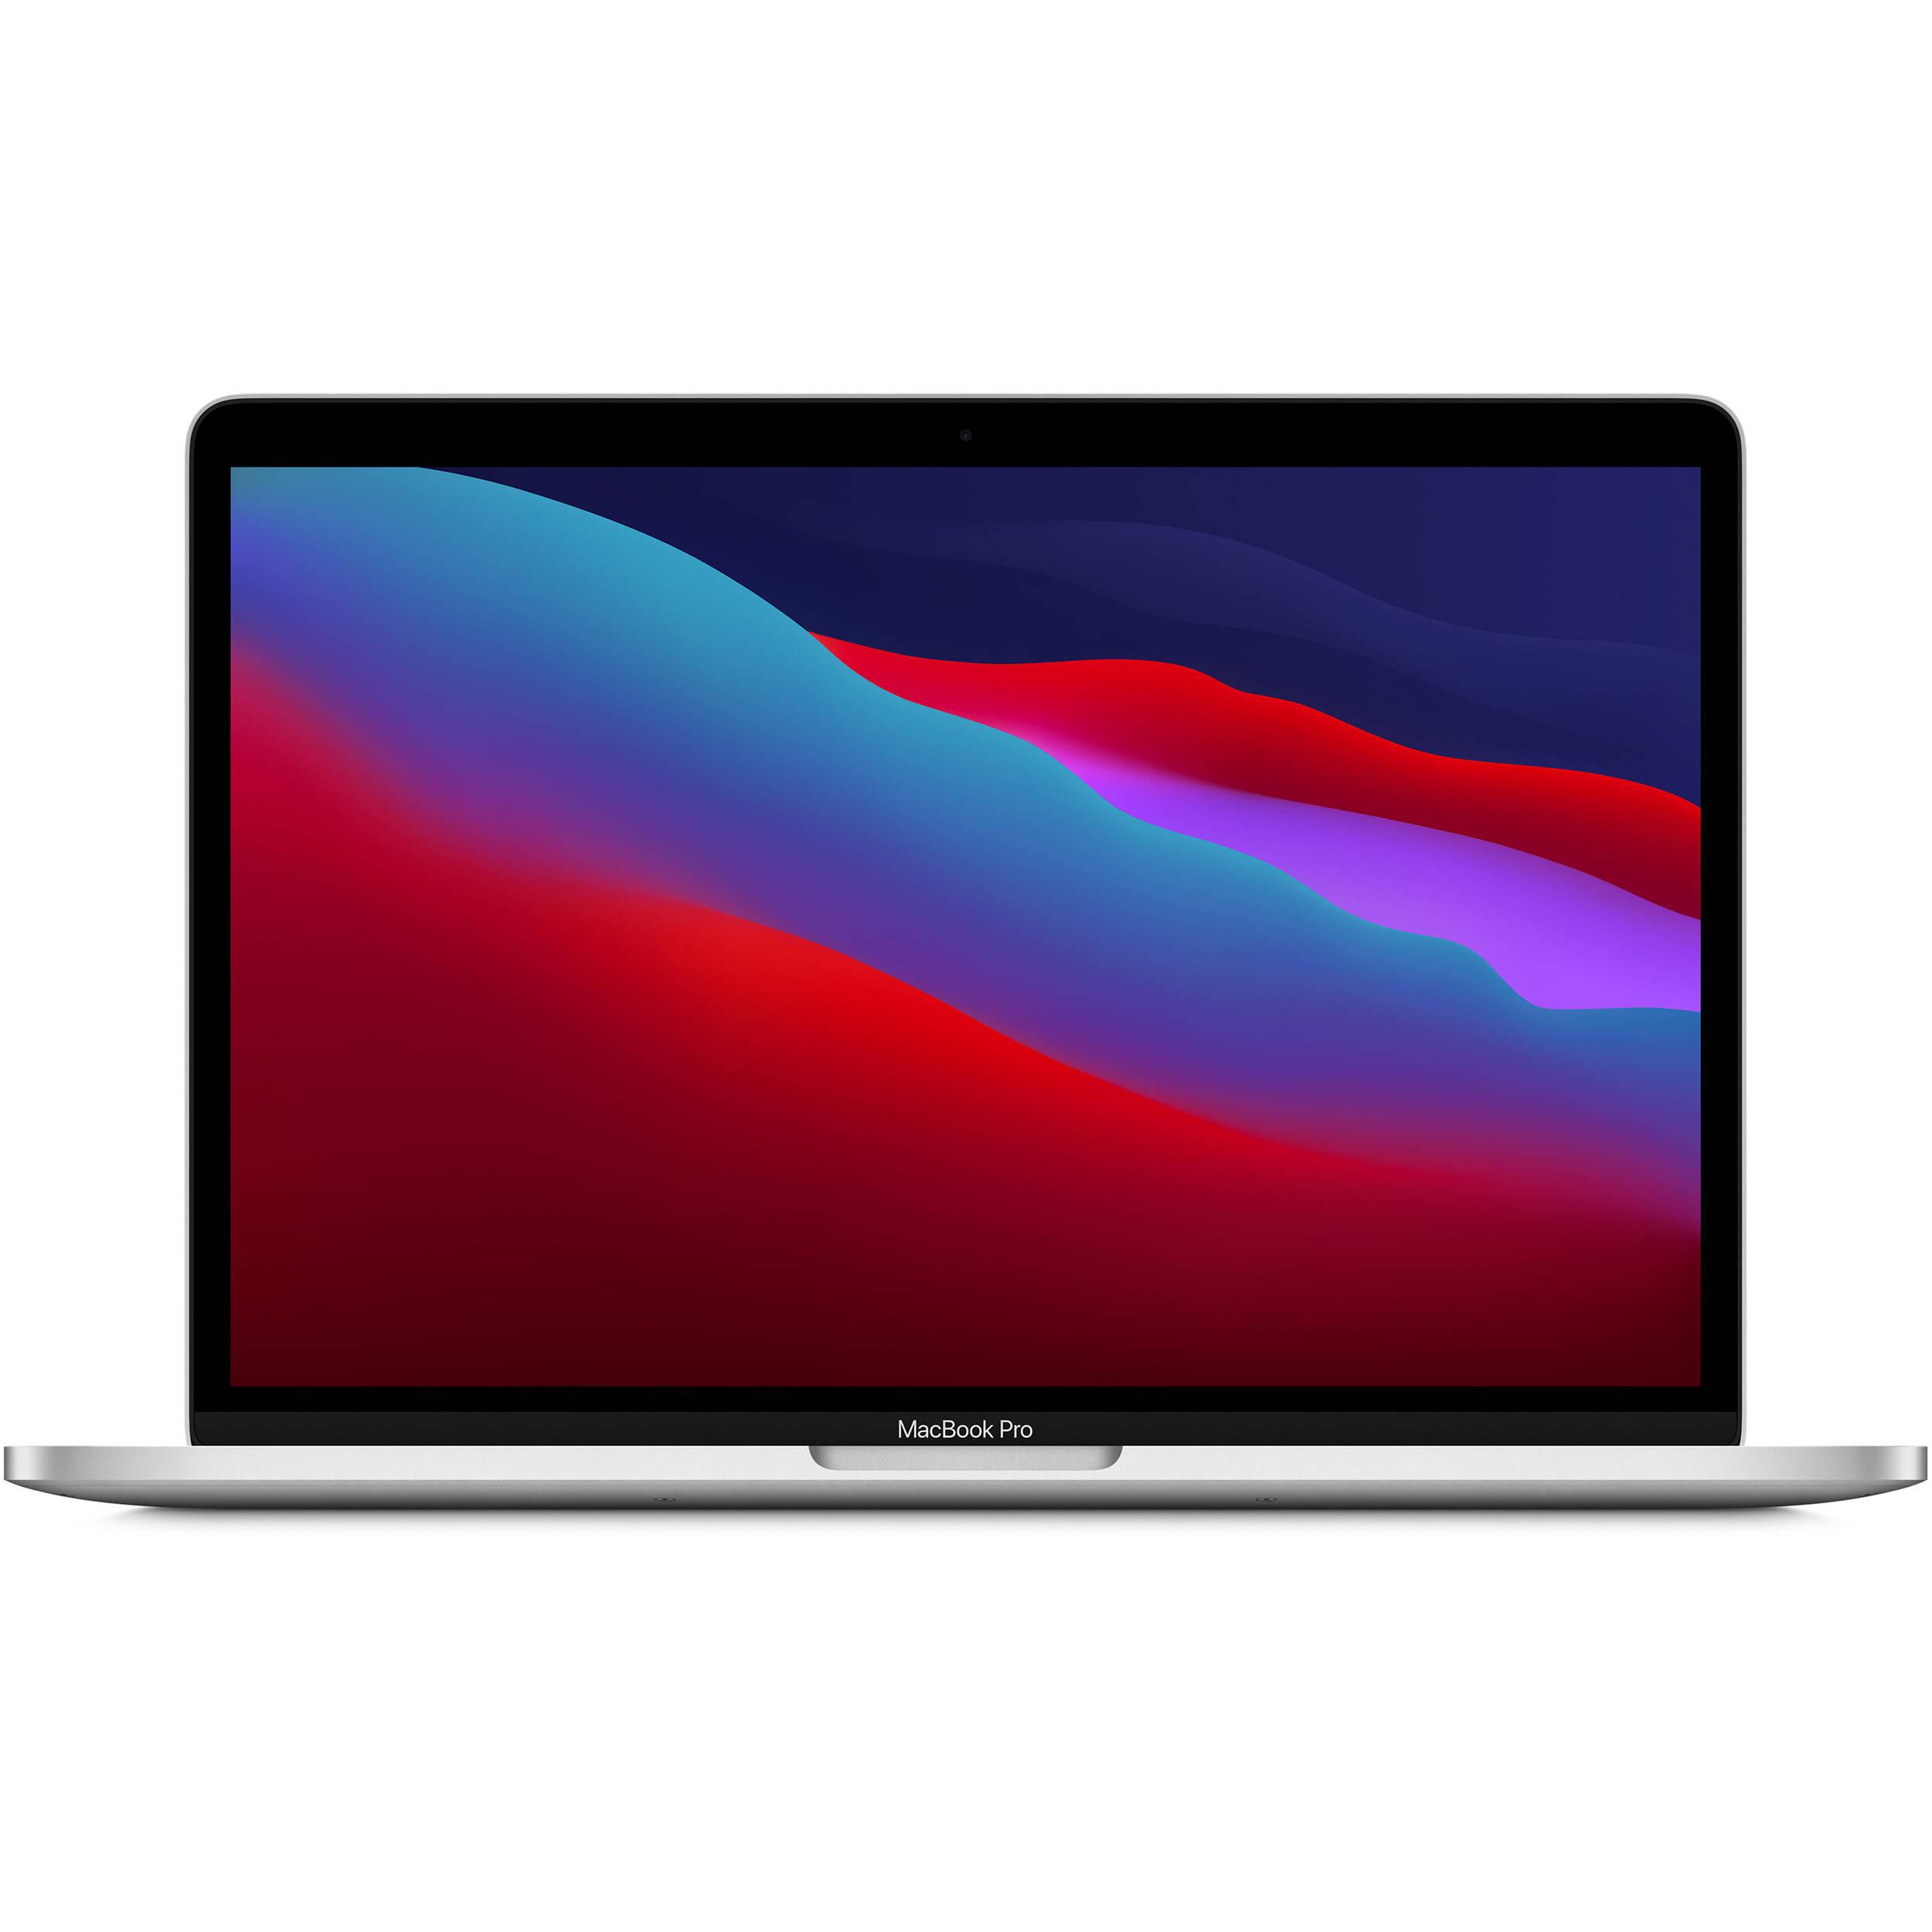 فروش نقدی و اقساطی لپ تاپ 13 اینچی اپل مدل MacBook Pro MYDA2 2020 همراه با تاچ بار